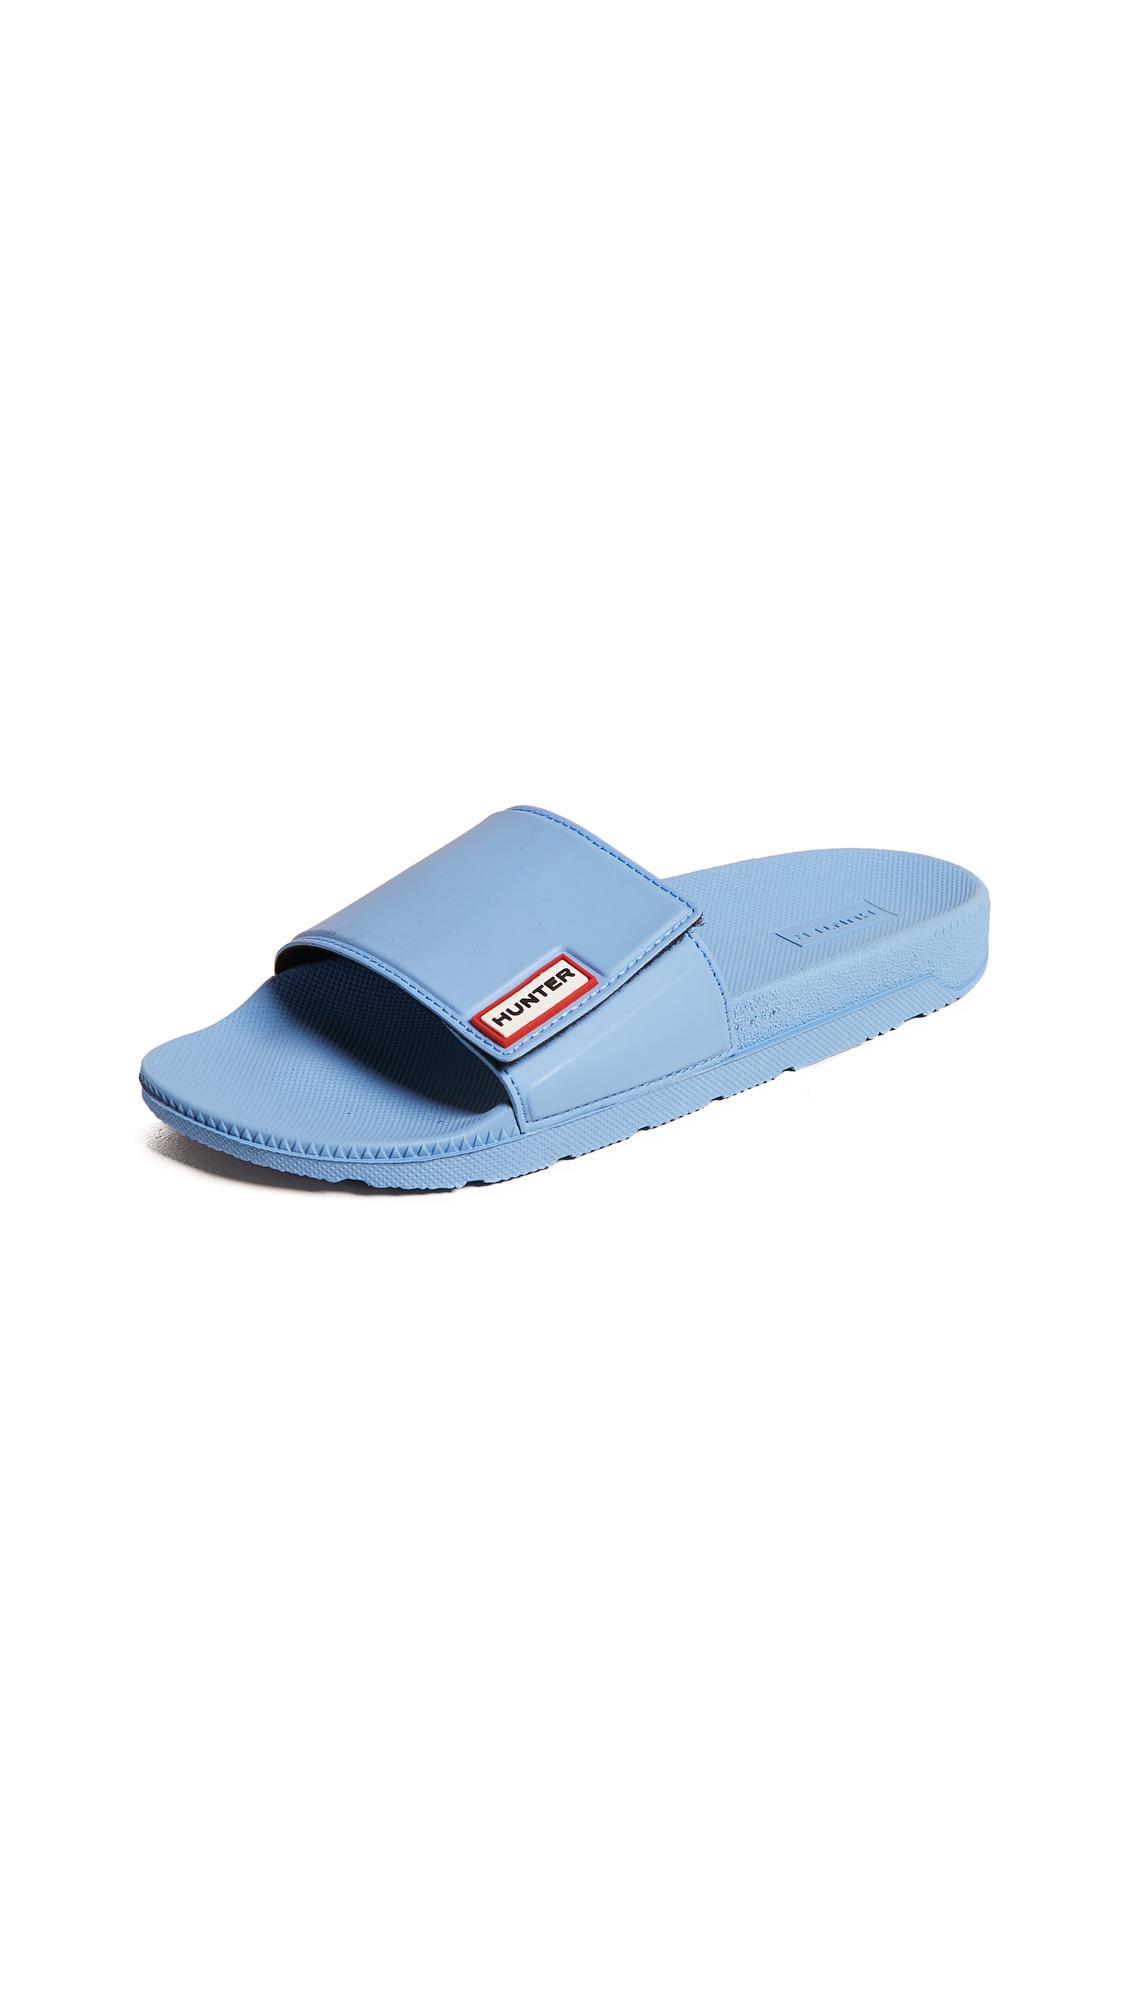 Hunter Boots Original Adjustable Slides - Forget Me Not